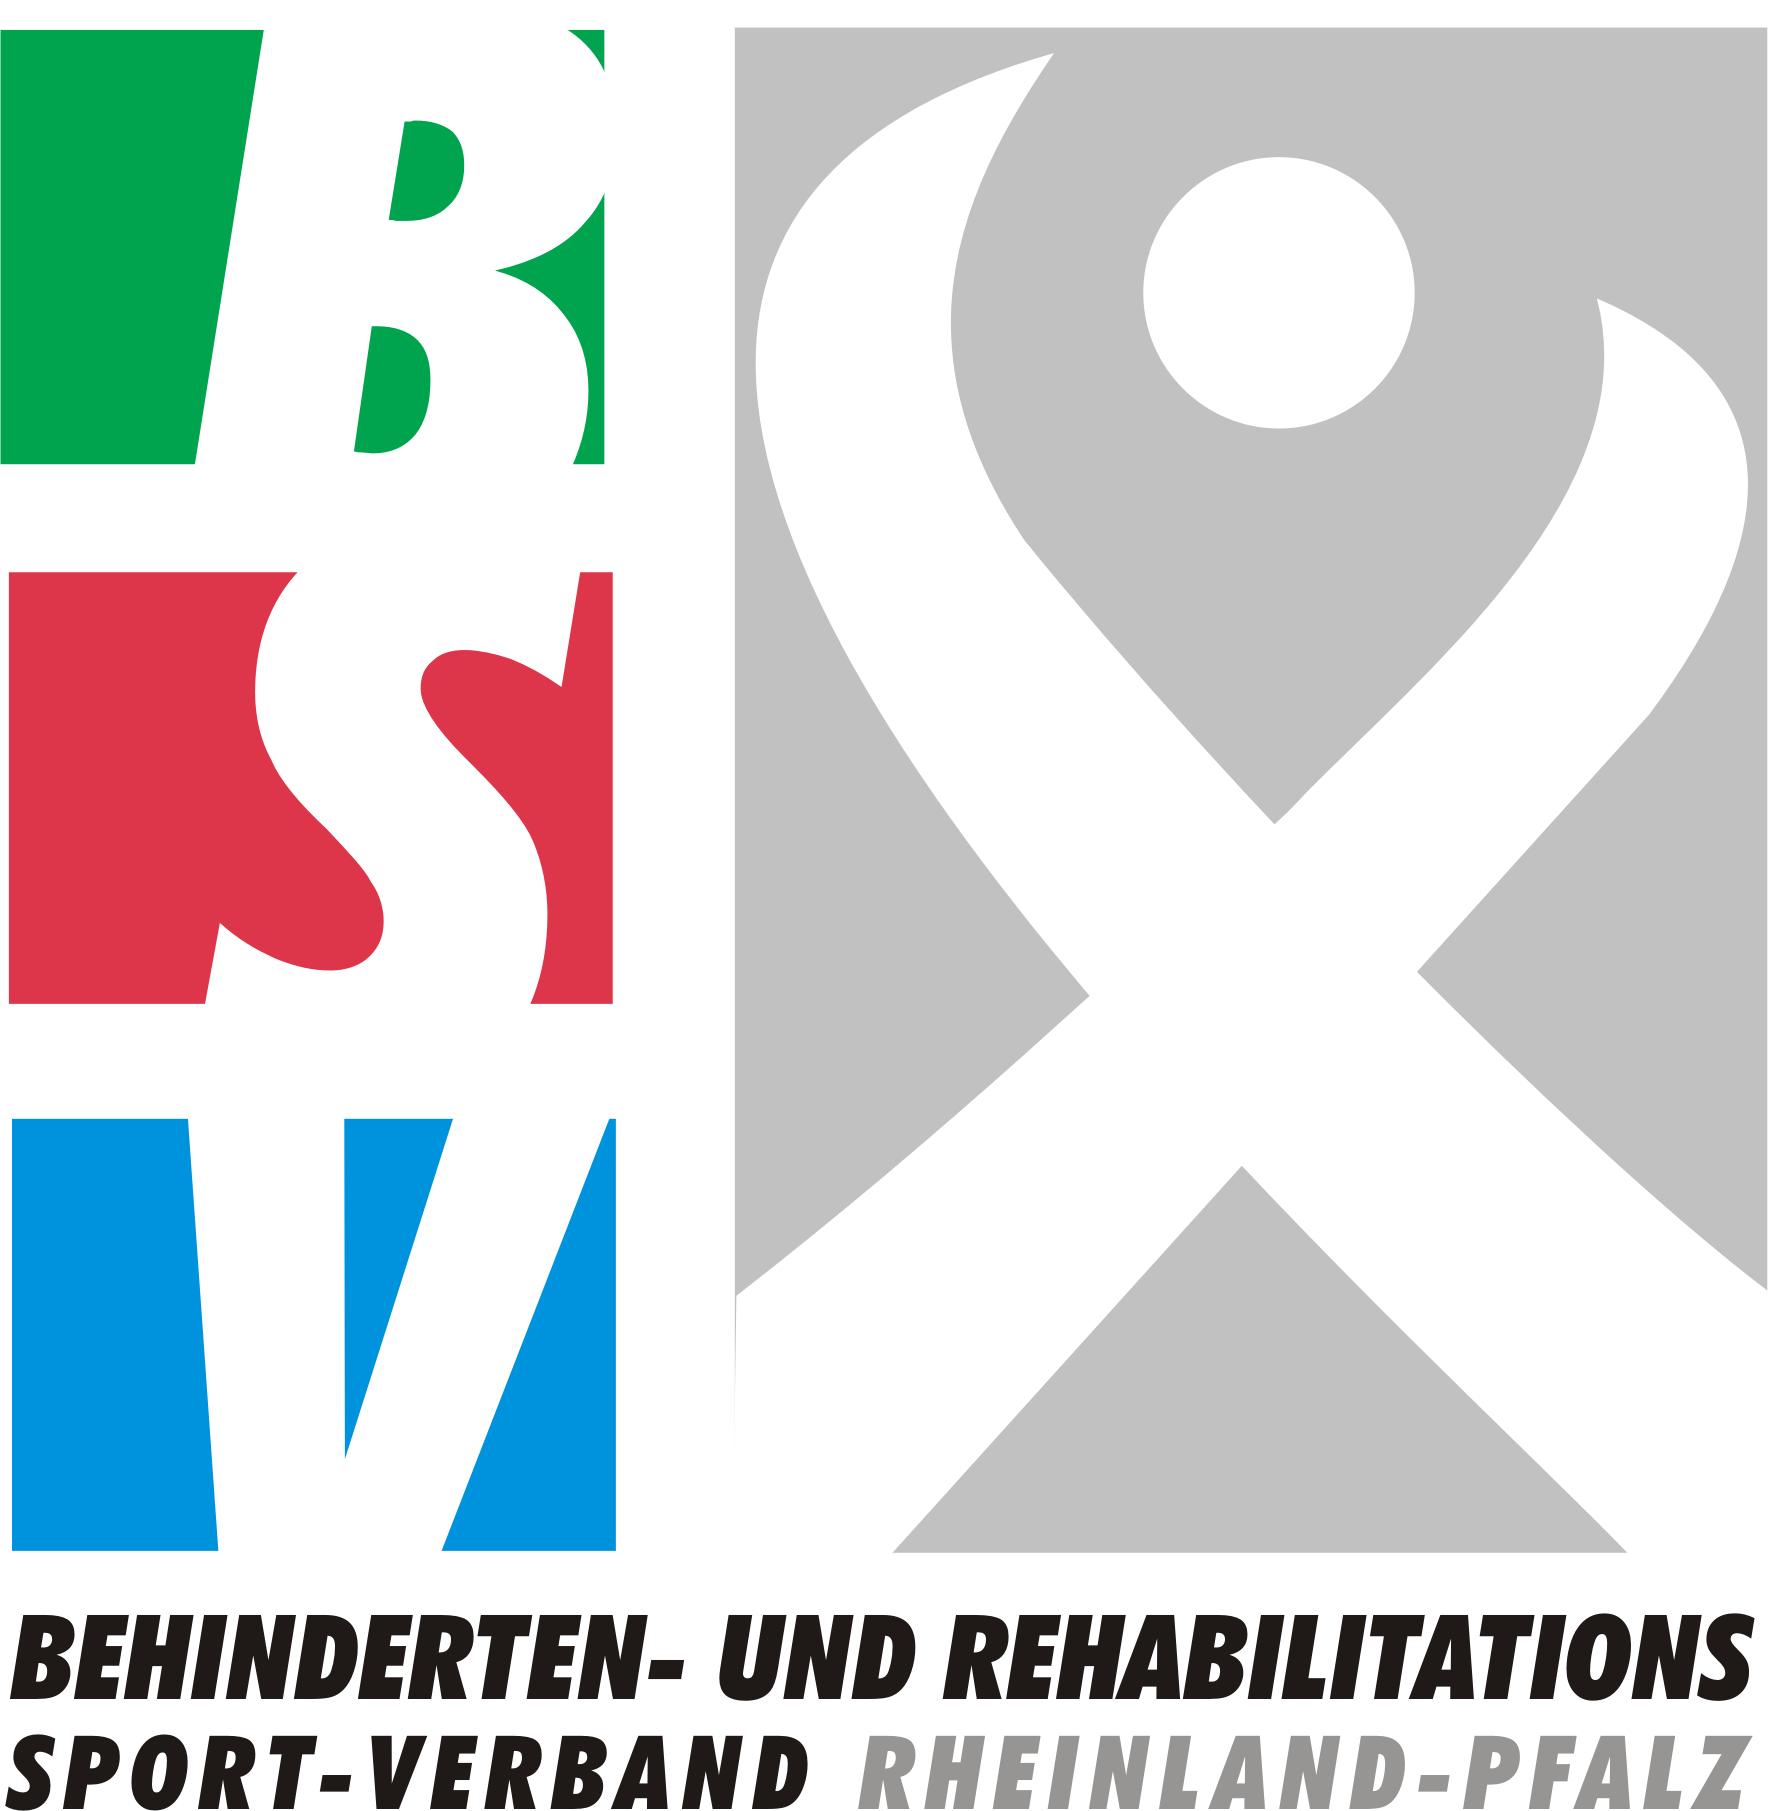 behindertensportverband rheinlandpfalz